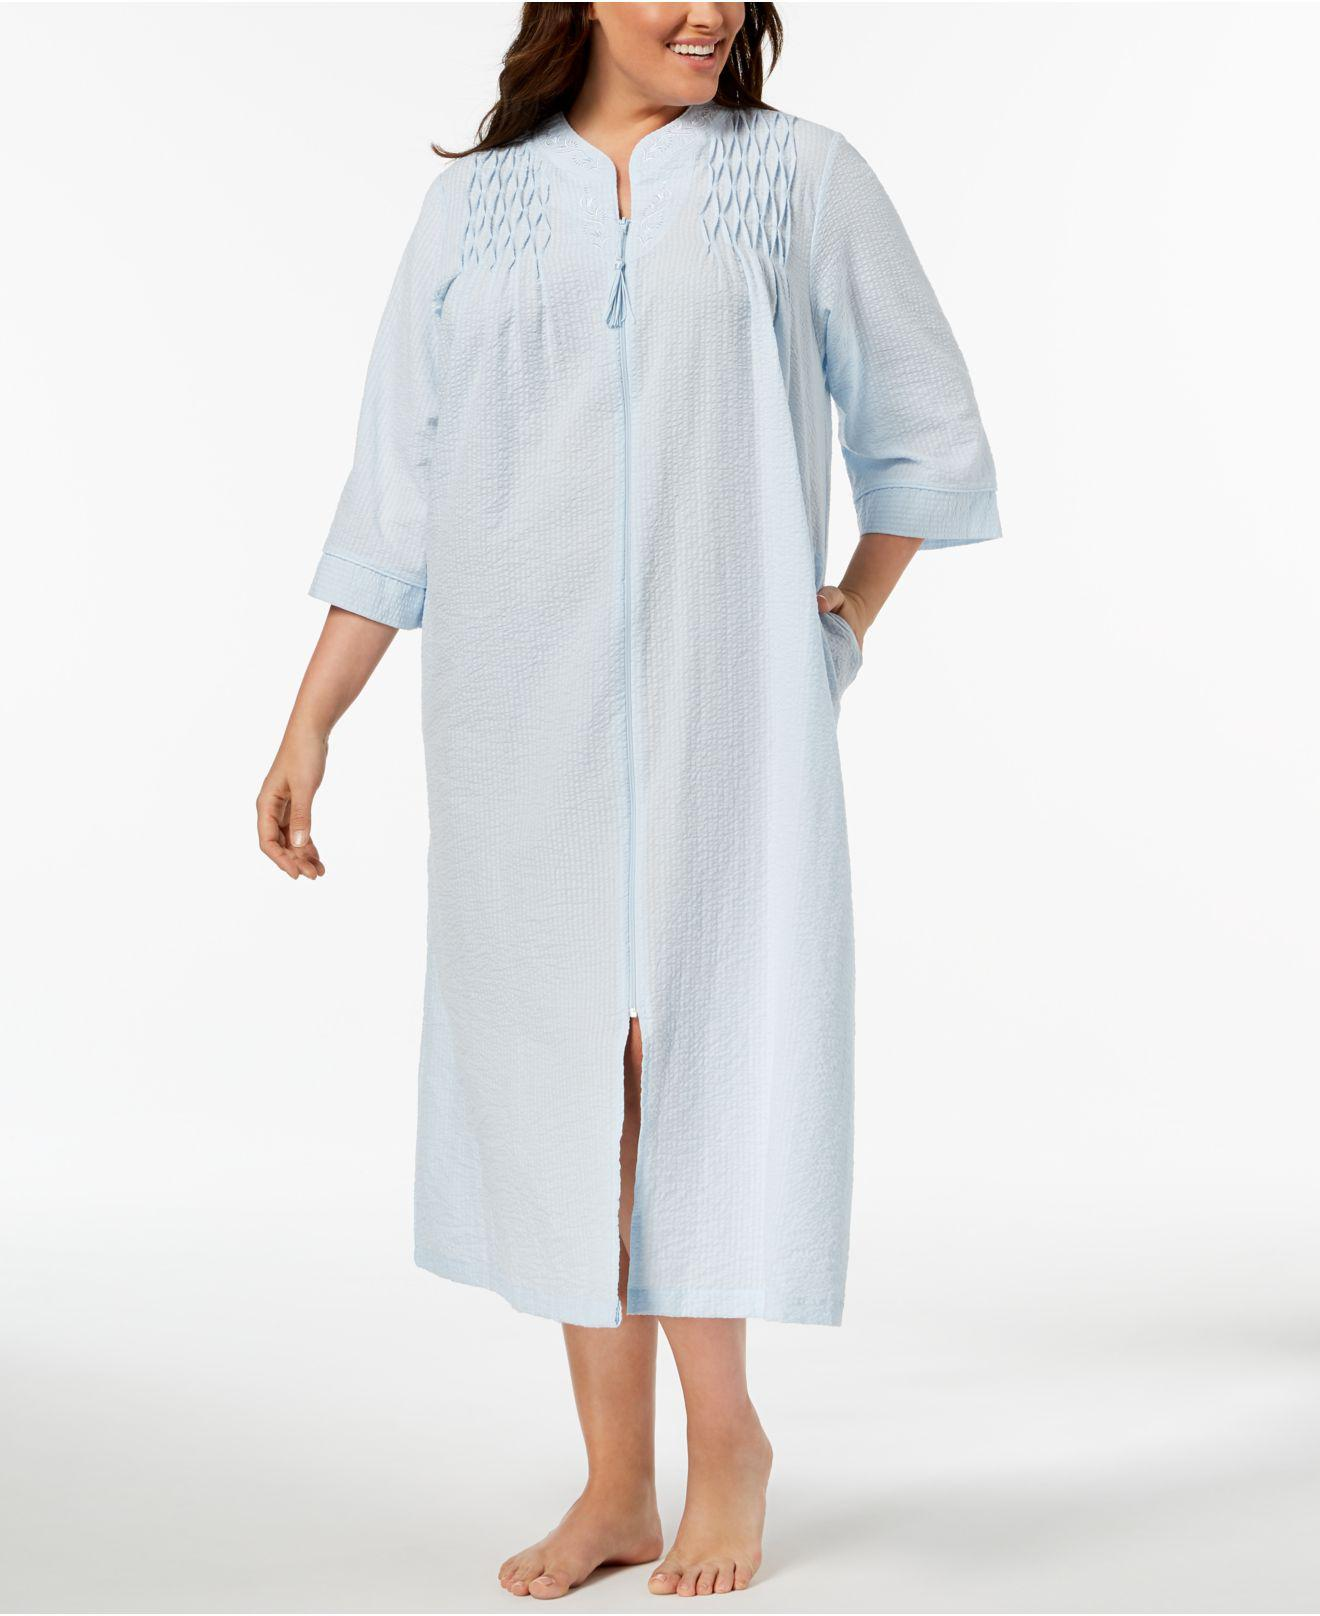 Lyst - Miss Elaine Plus Size Embroidered Seersucker Zip Robe in Blue